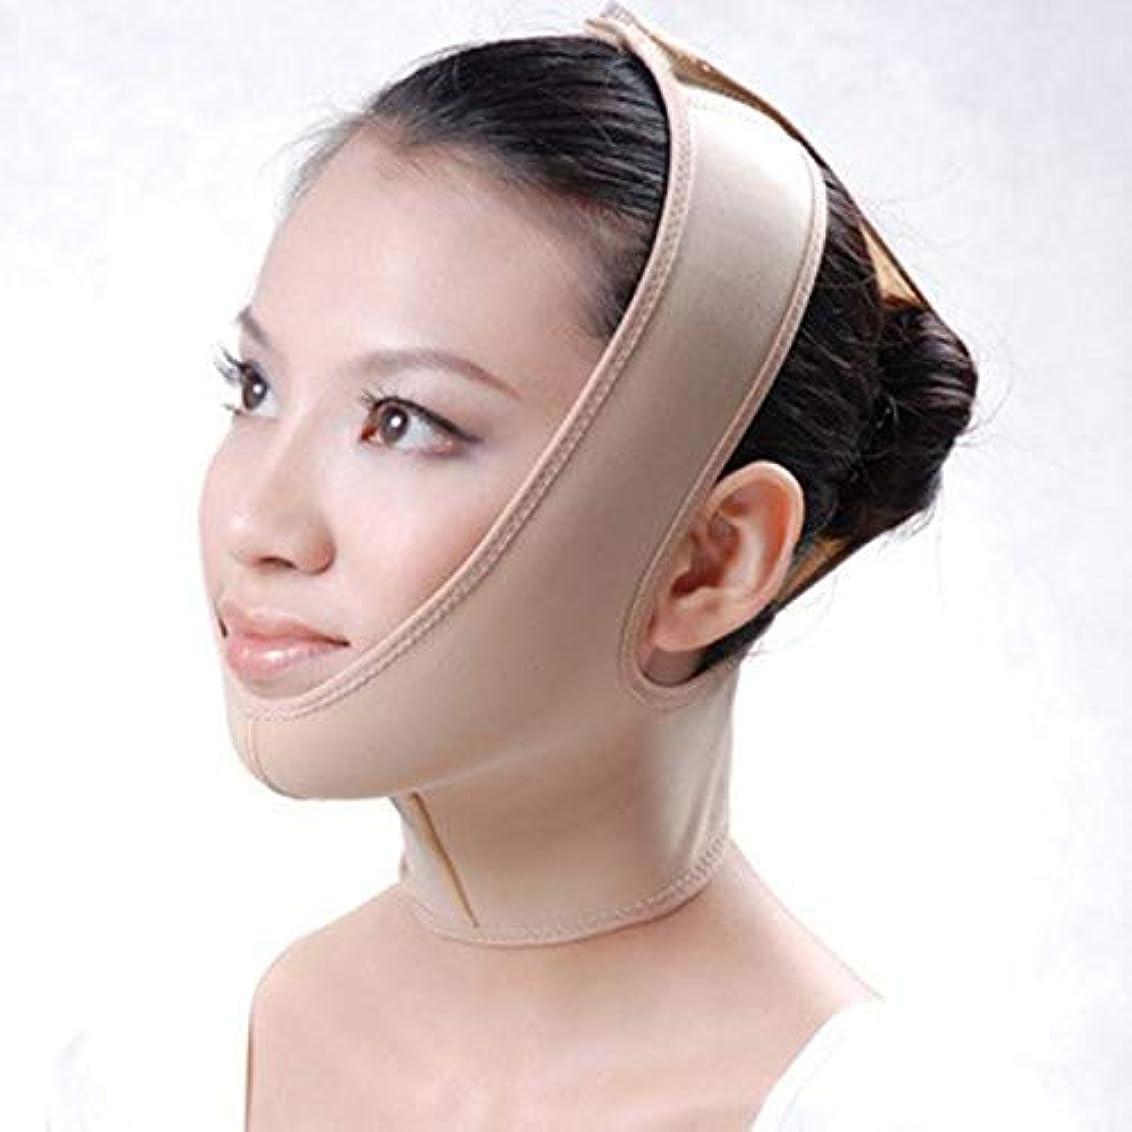 登るミケランジェロ遮るHUYYA 女性の顔を持ち上げるベルト、しわ防止包帯 Vライン頬 二重あごの減量顔ネック包帯,Flesh_Medium